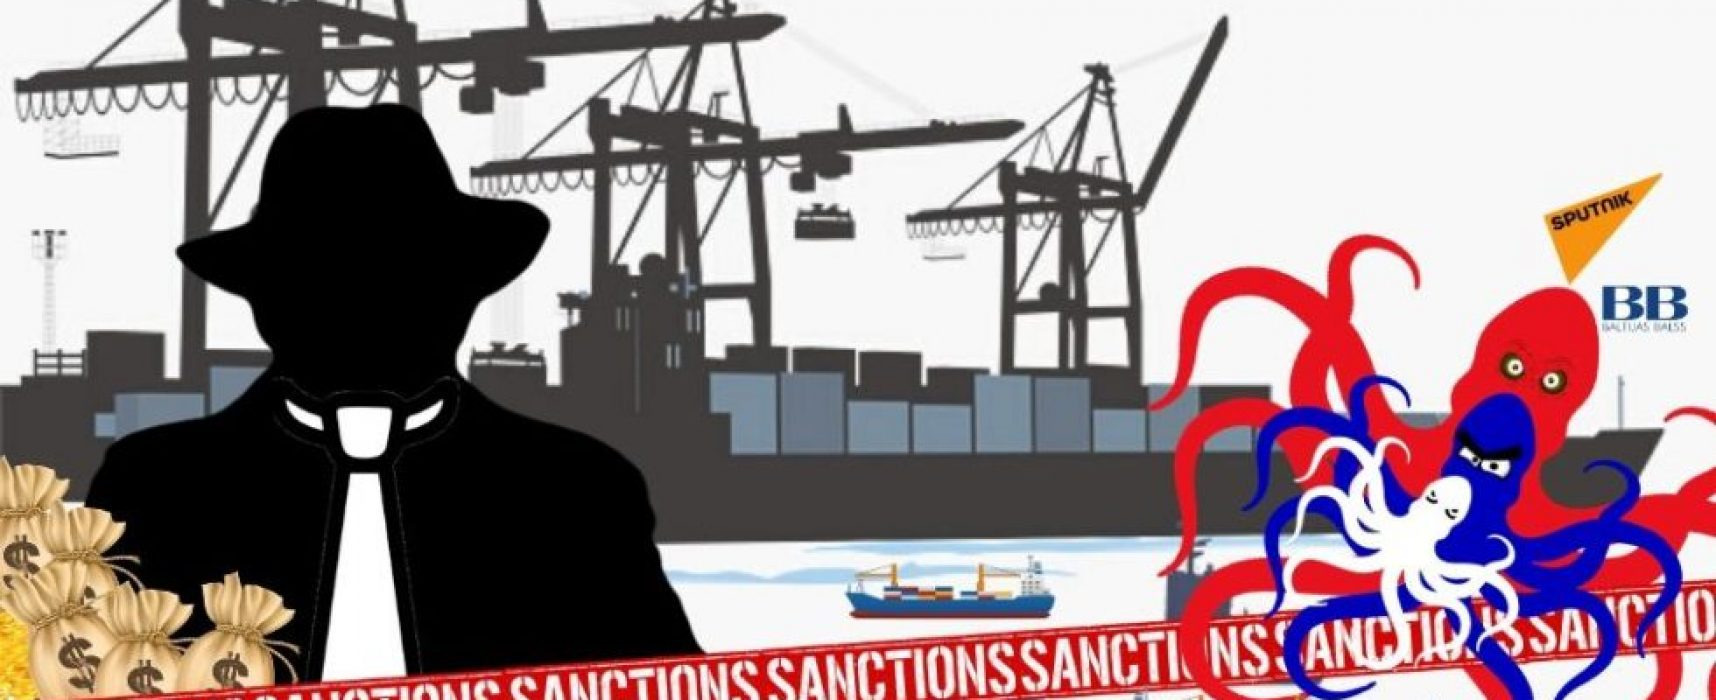 Санкції в центрі уваги: дезінформація проти Латвії